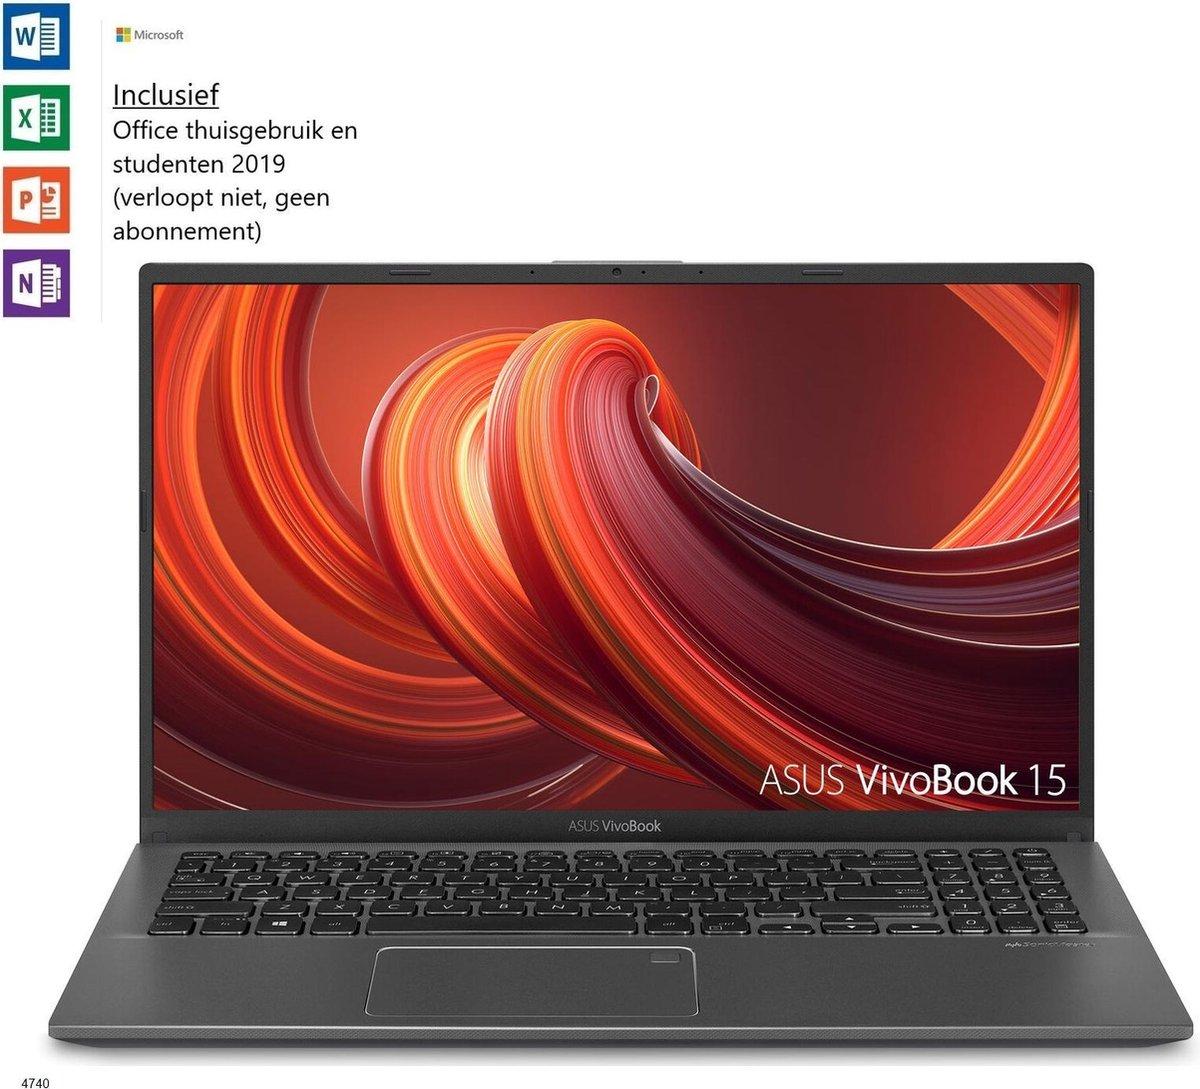 Asus Vivobook 15 inch laptop - 8GB RAM - i3-1005G1 - Windows 10 - Tijdelijk met GRATIS Office 2019 Home & Student t.w.v. €149! (Word, Excel, PowerPoint, OneNote)